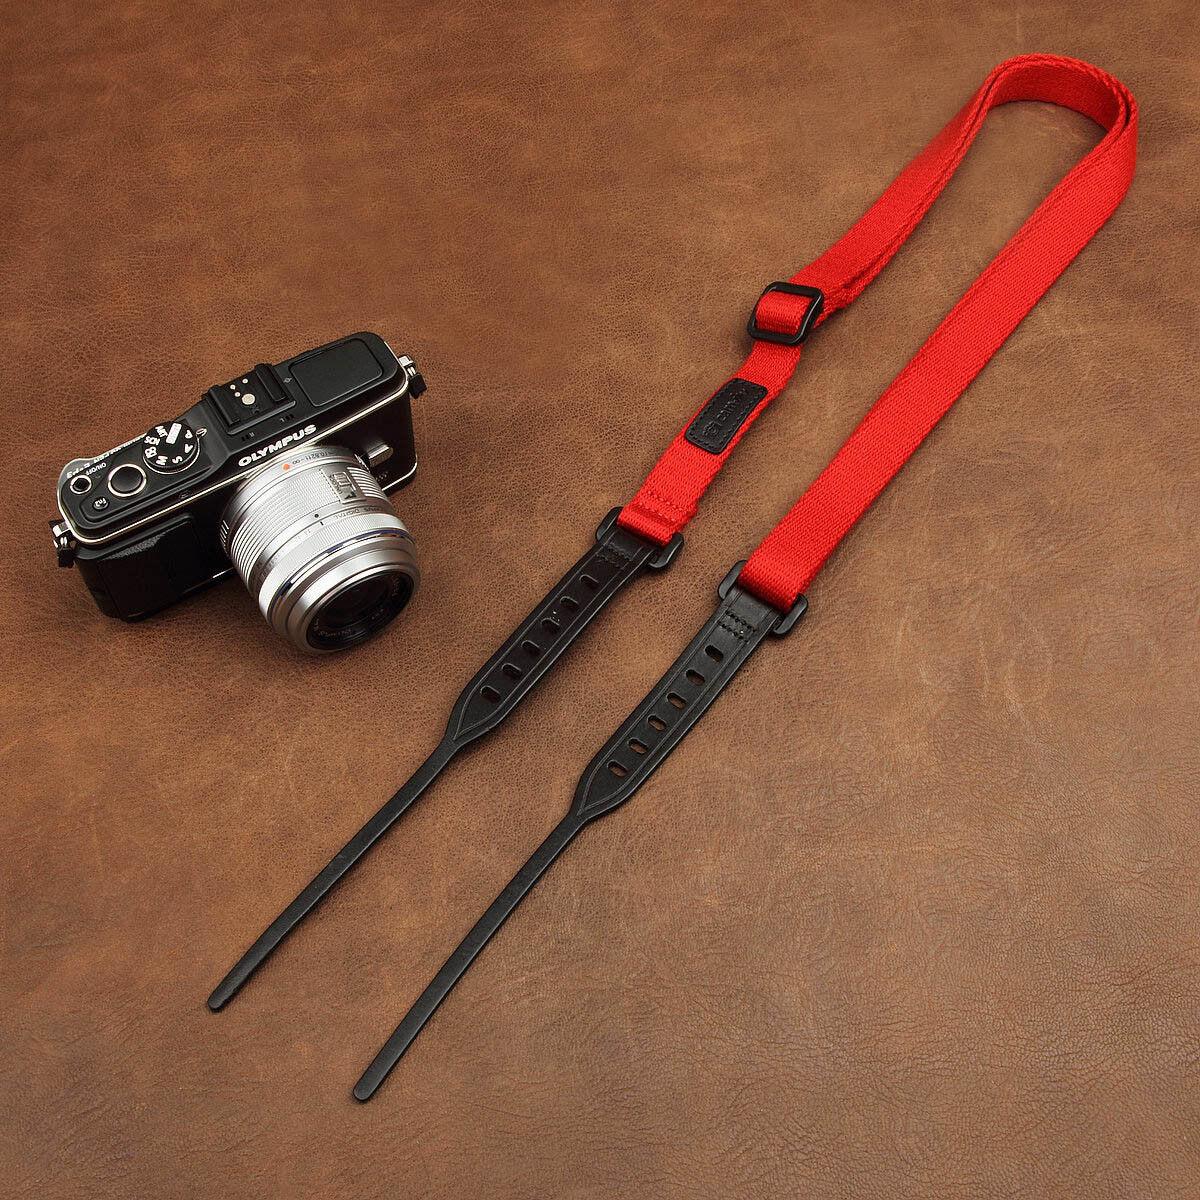 Adjustable Cam-in Camera Leather cotton Shoulder Neck Strap